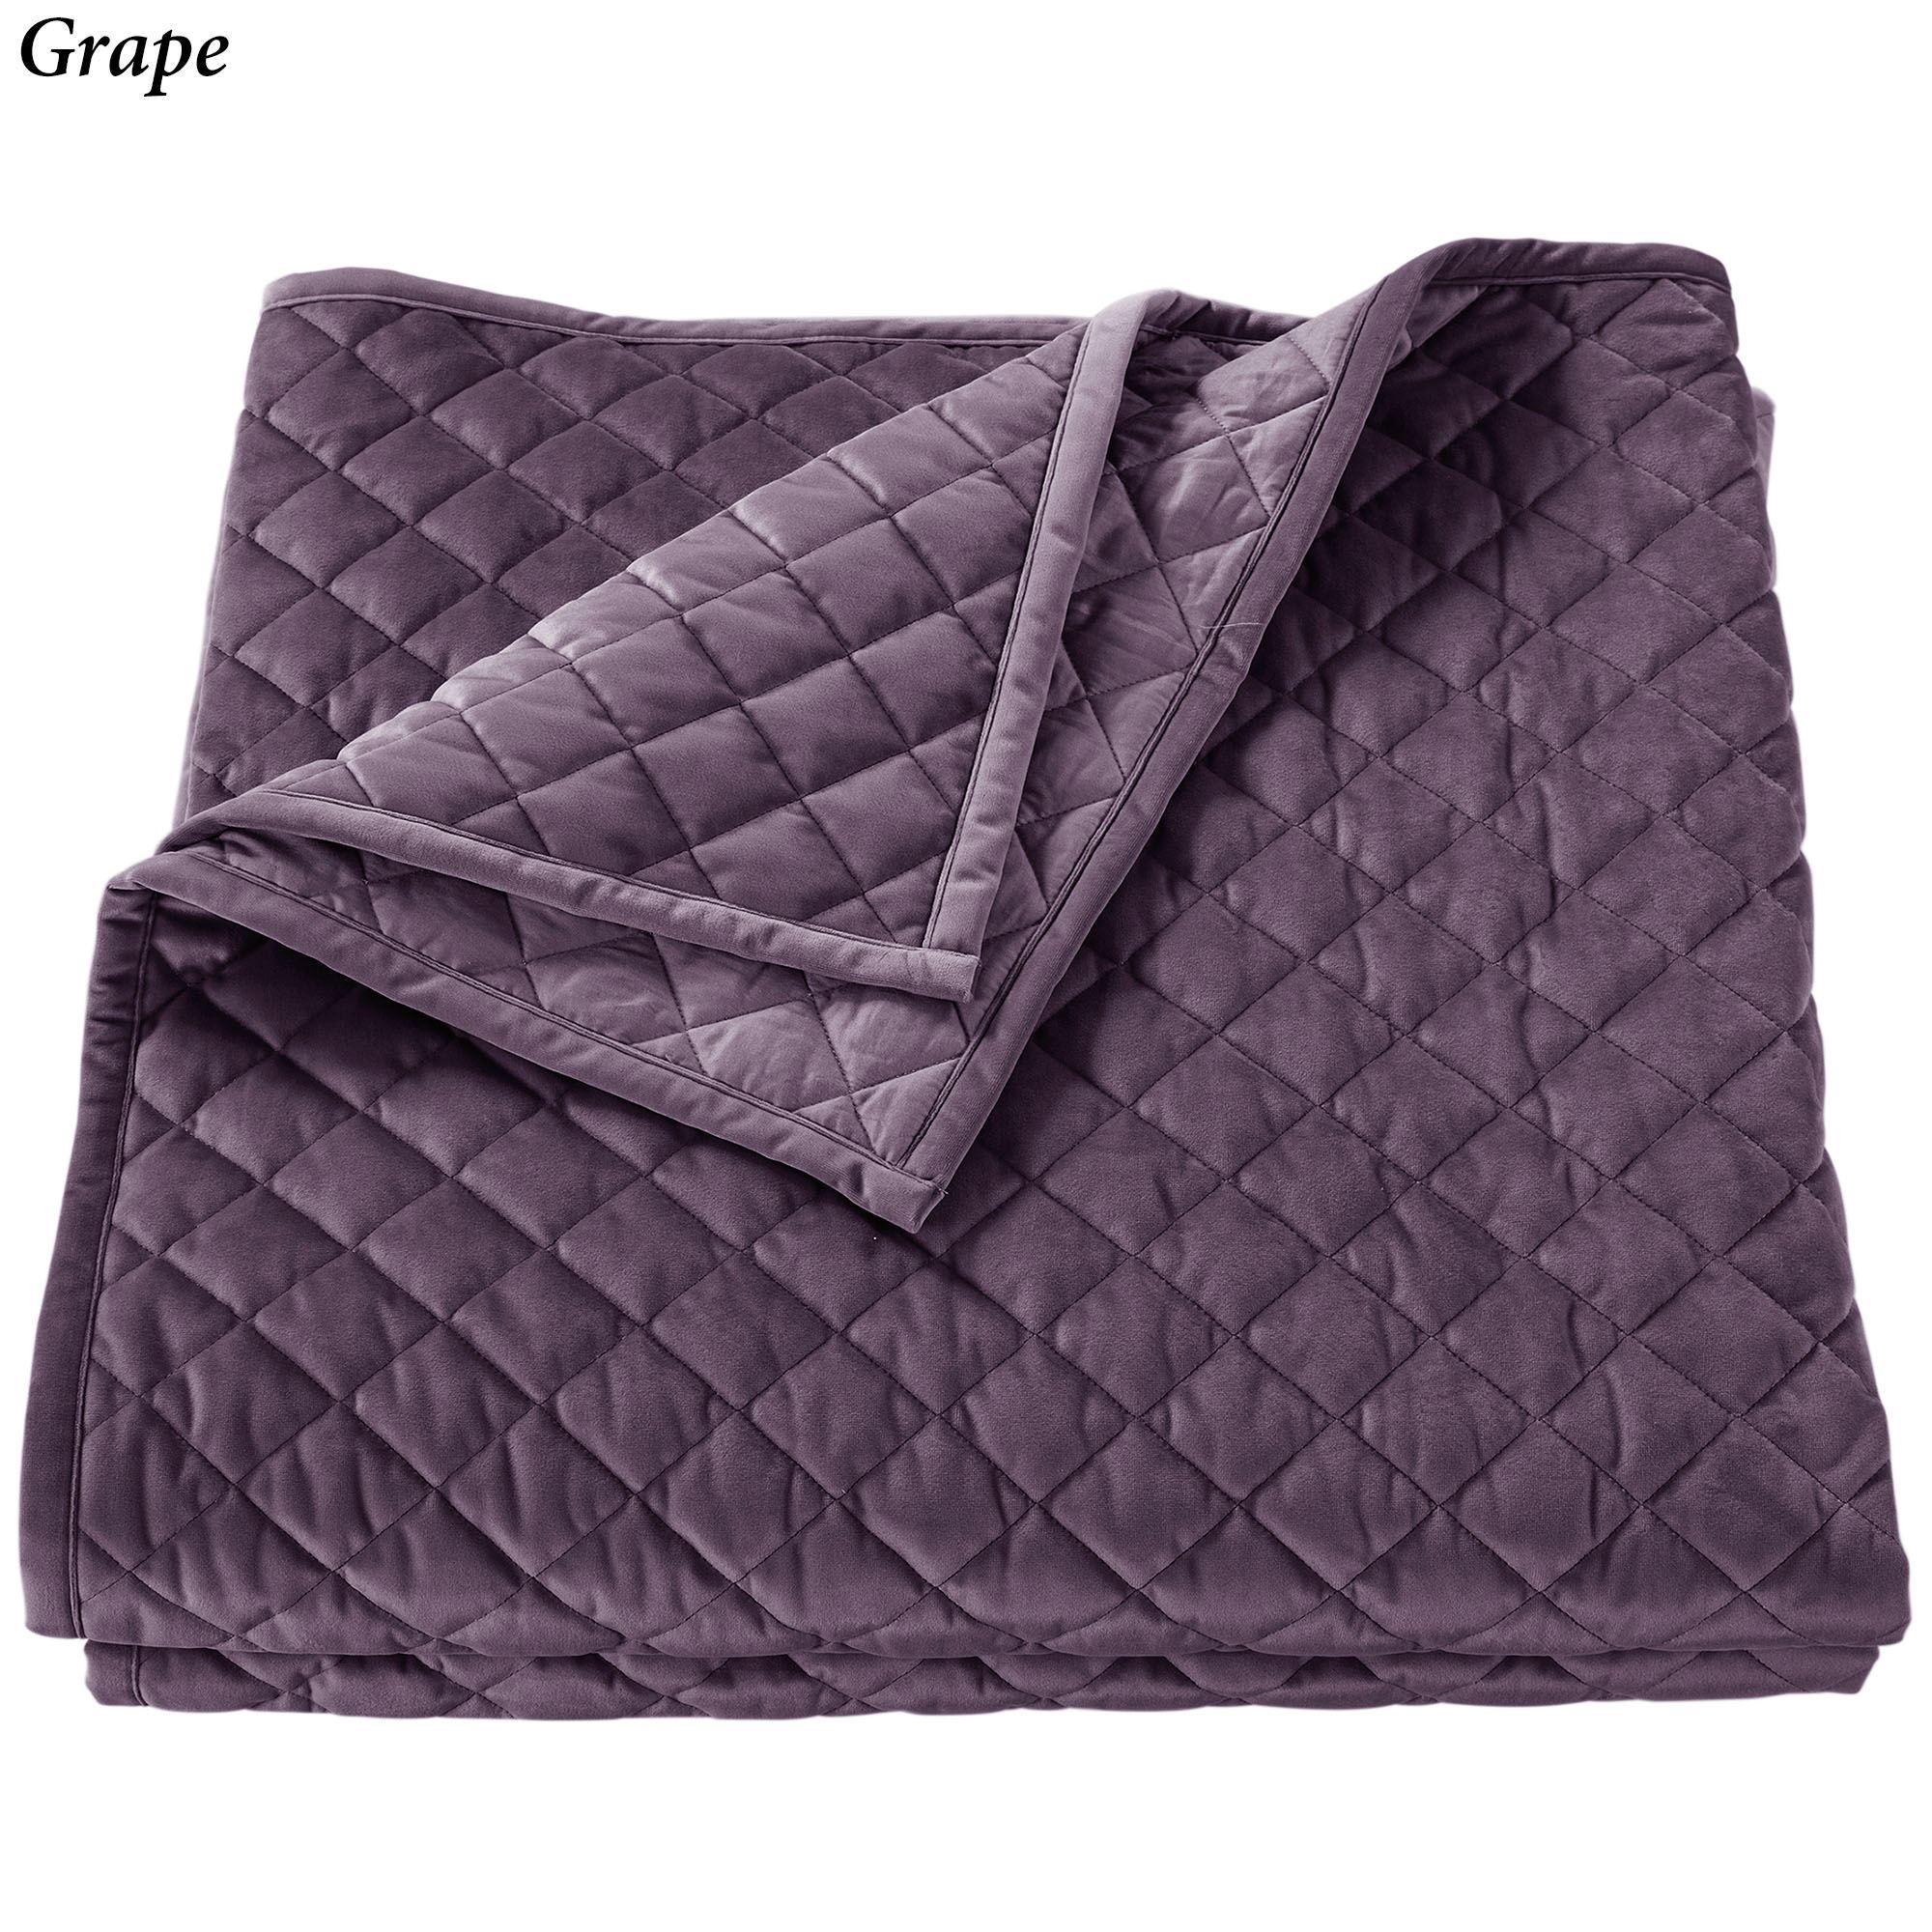 Fabulous Velvet Diamond Quilted Soft Quilt Bedding FV22